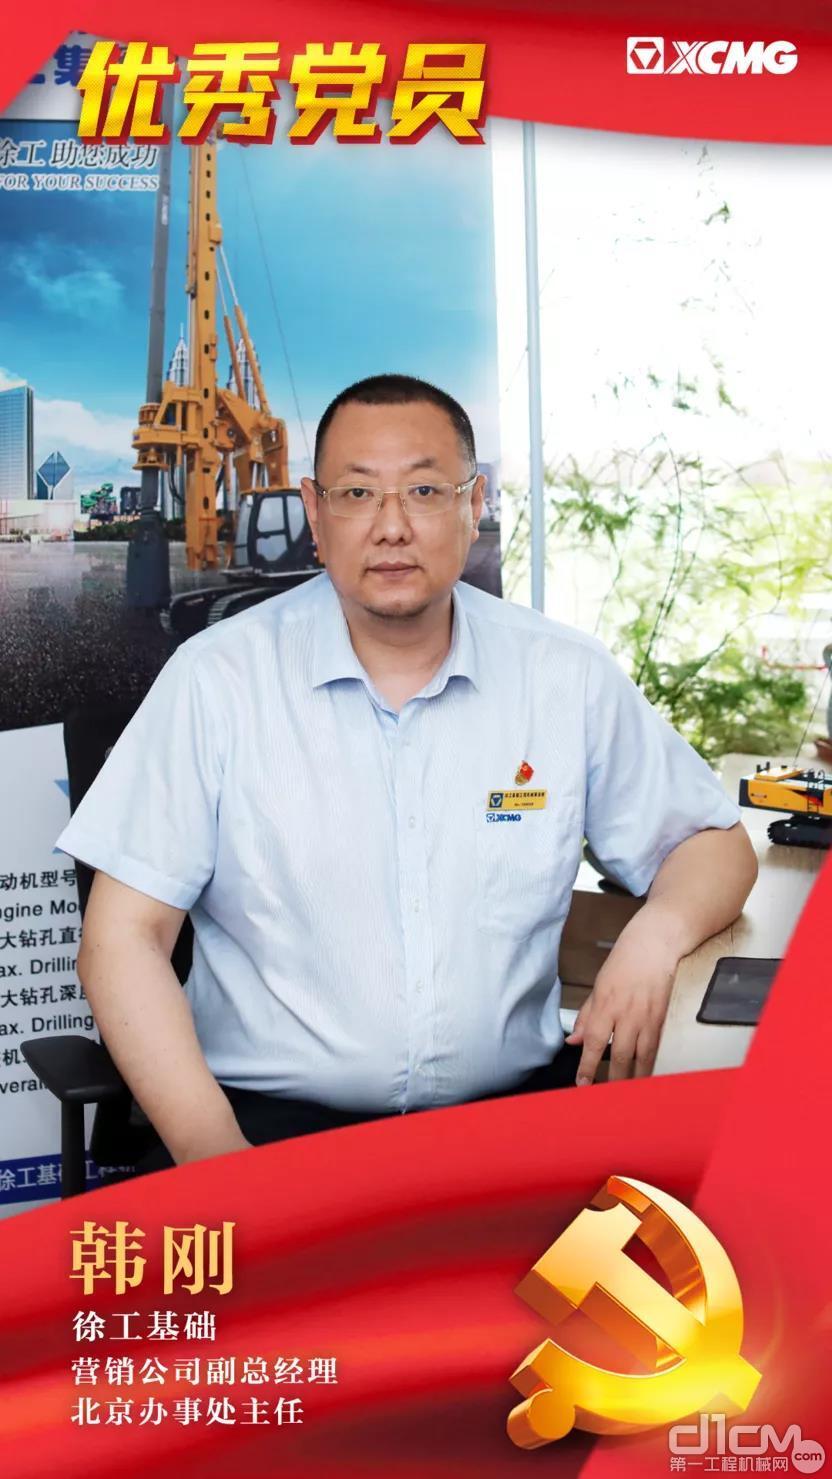 """徐工桩工产品进位中国第一的""""龙城飞将"""""""